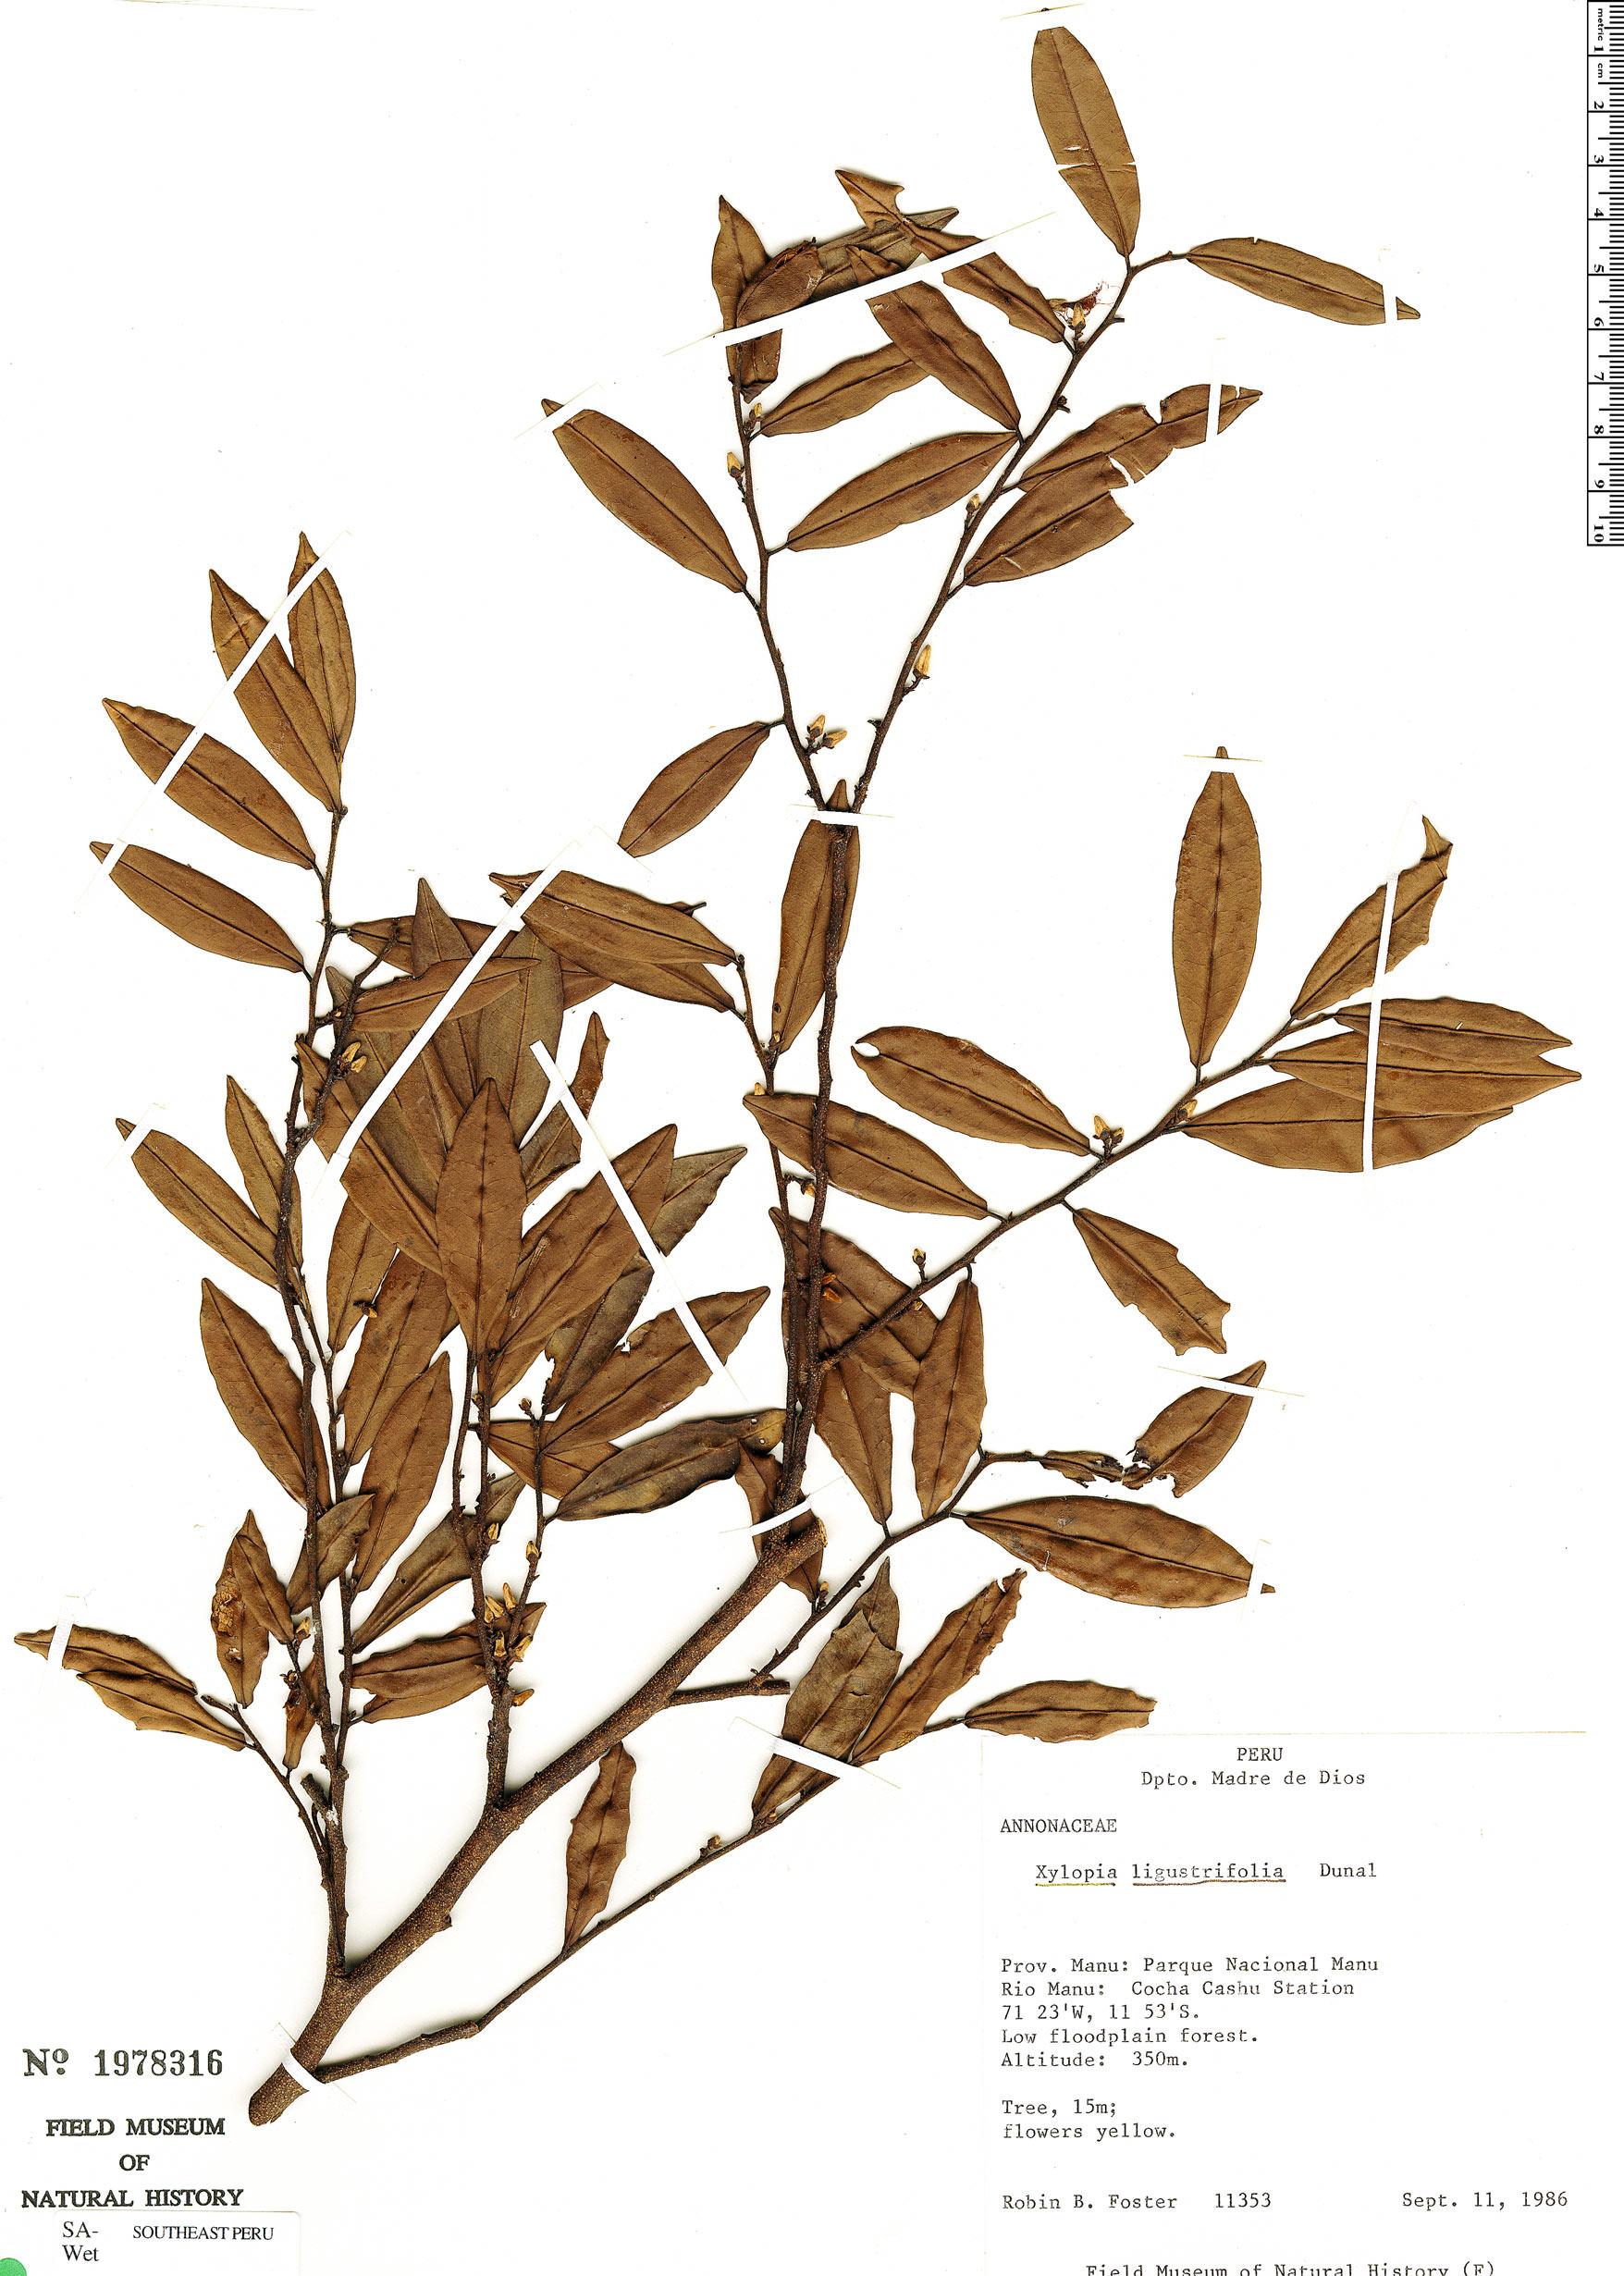 Specimen: Xylopia ligustrifolia